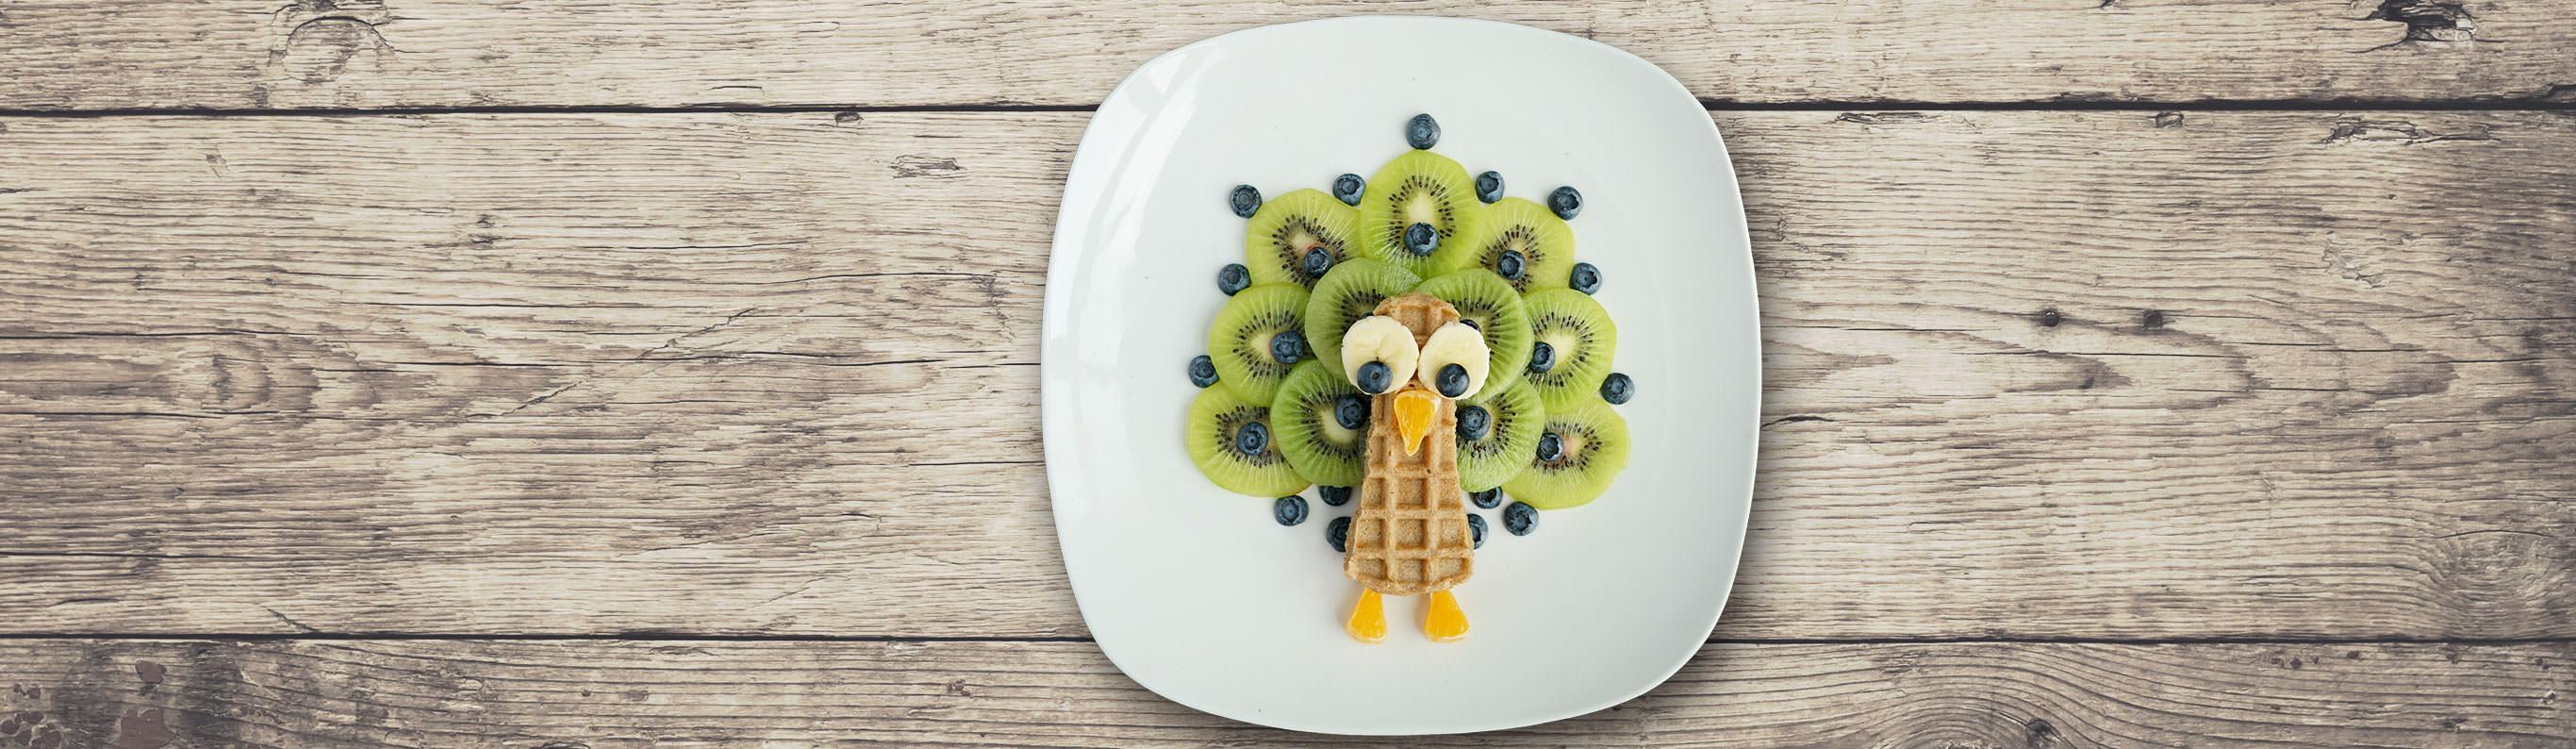 Peacock Waffles